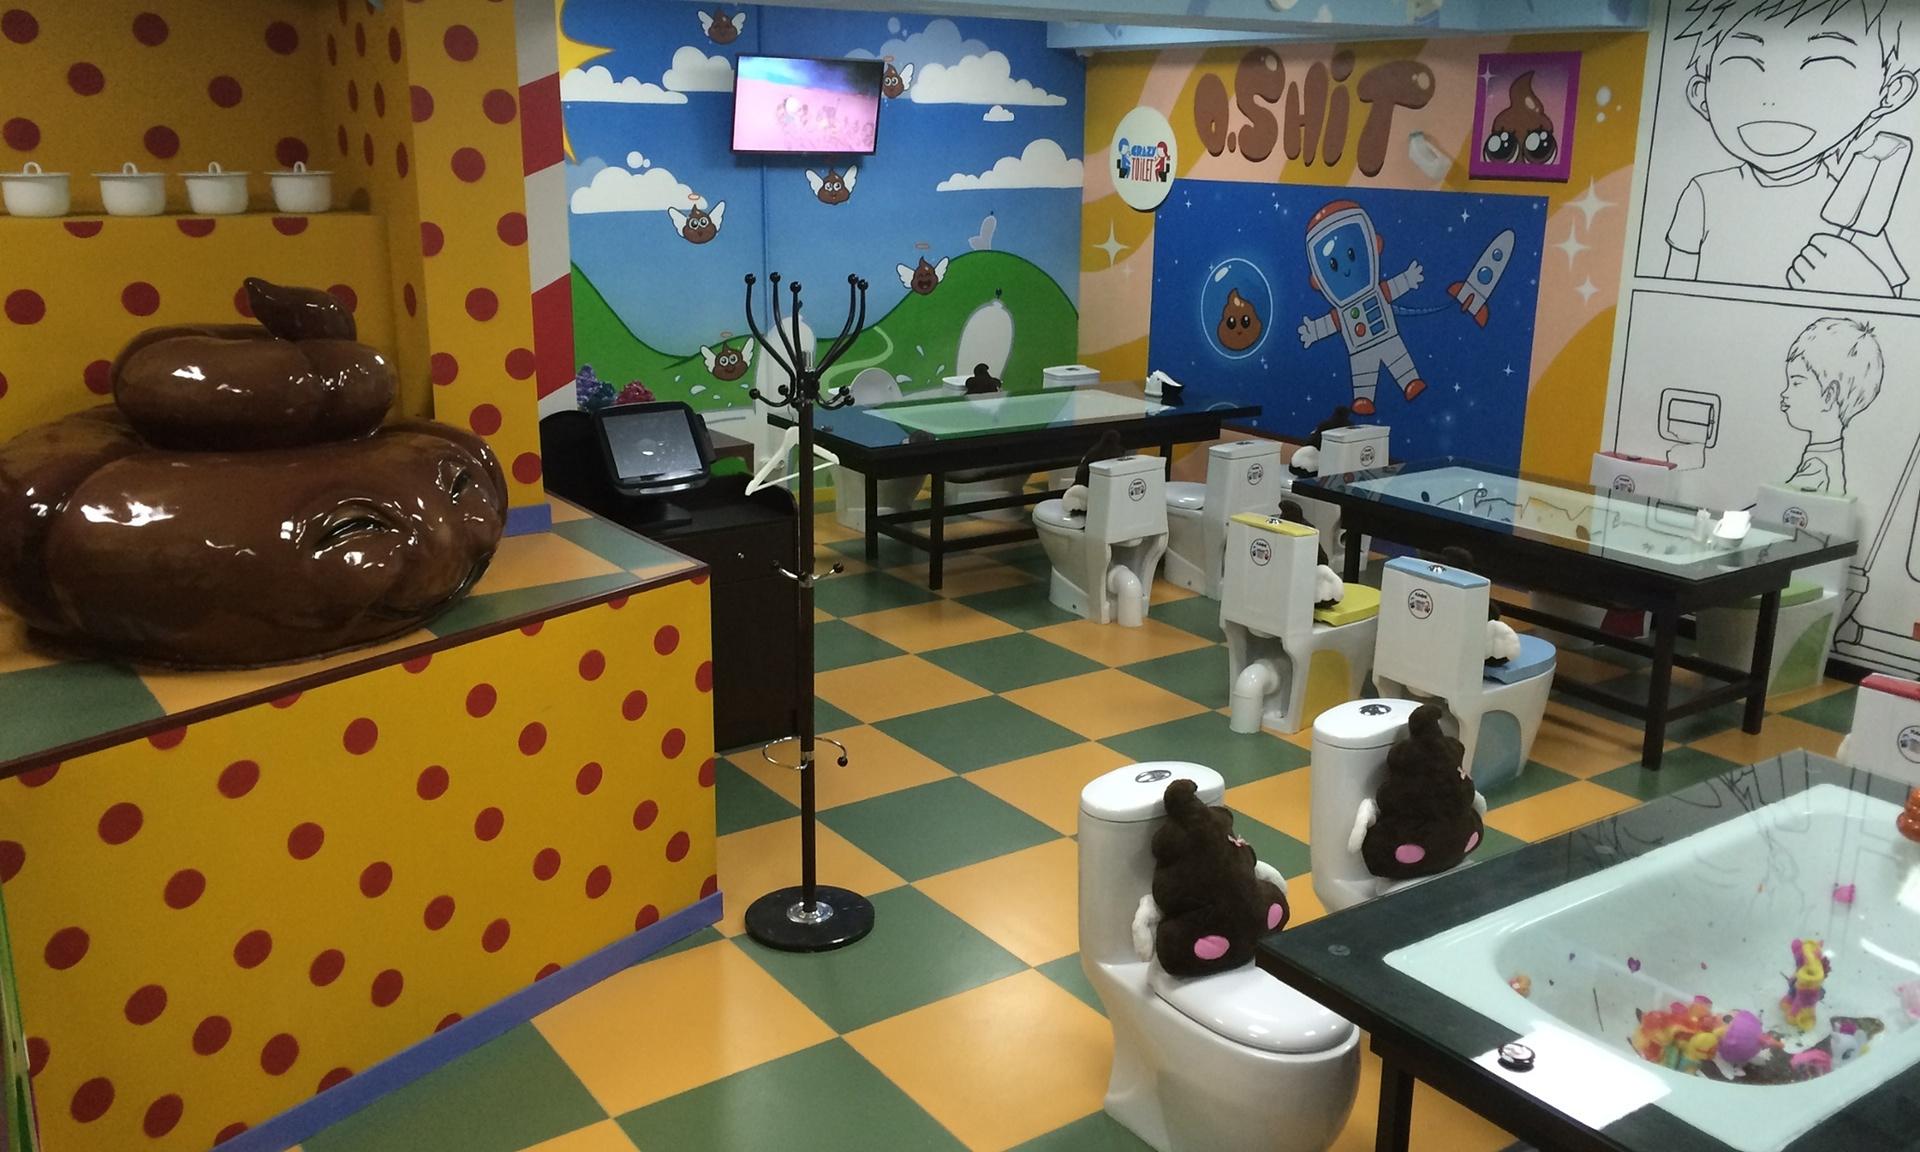 ФОТОГАЛЕРИЈА: Во Москва отворено кафуле со мотиви од тоалет